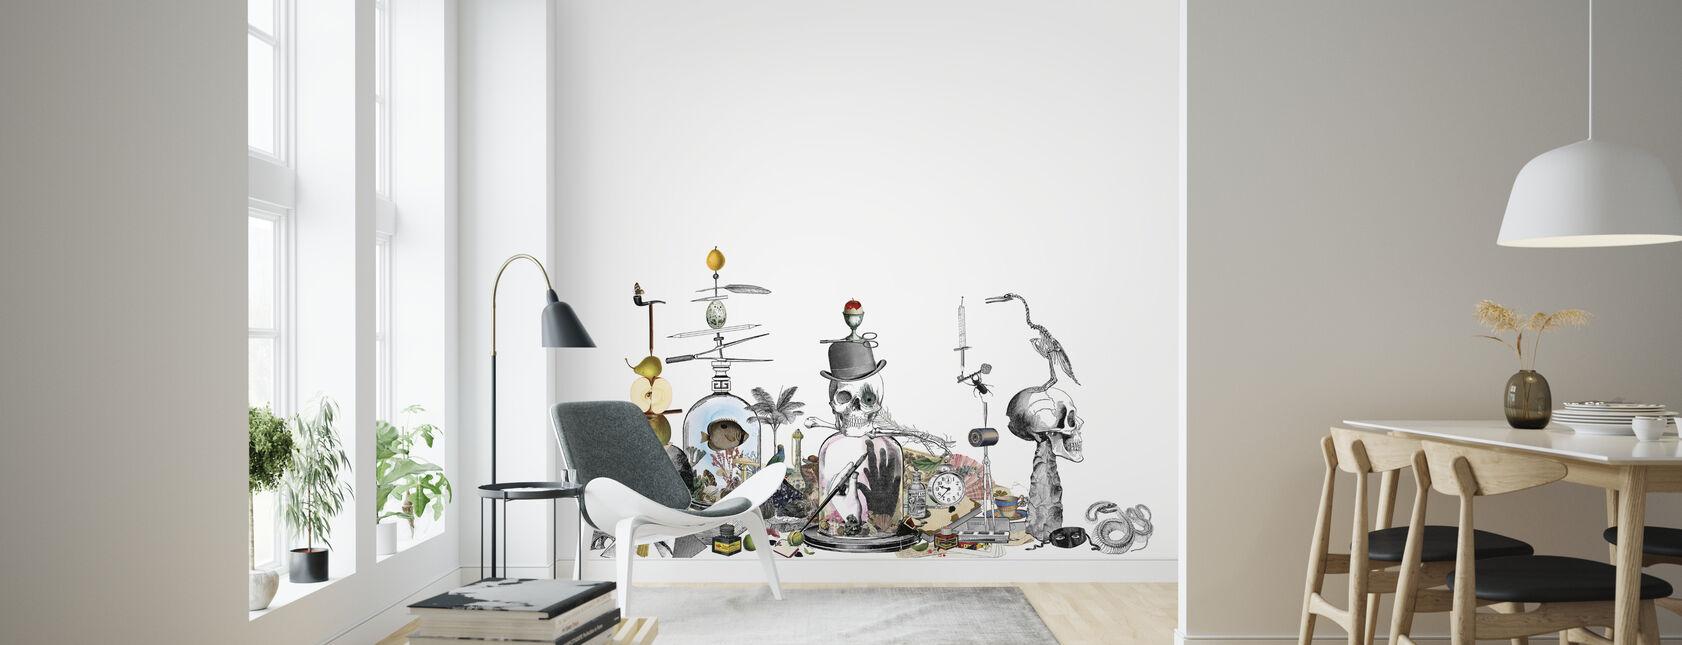 Junkyard - White - Wallpaper - Living Room